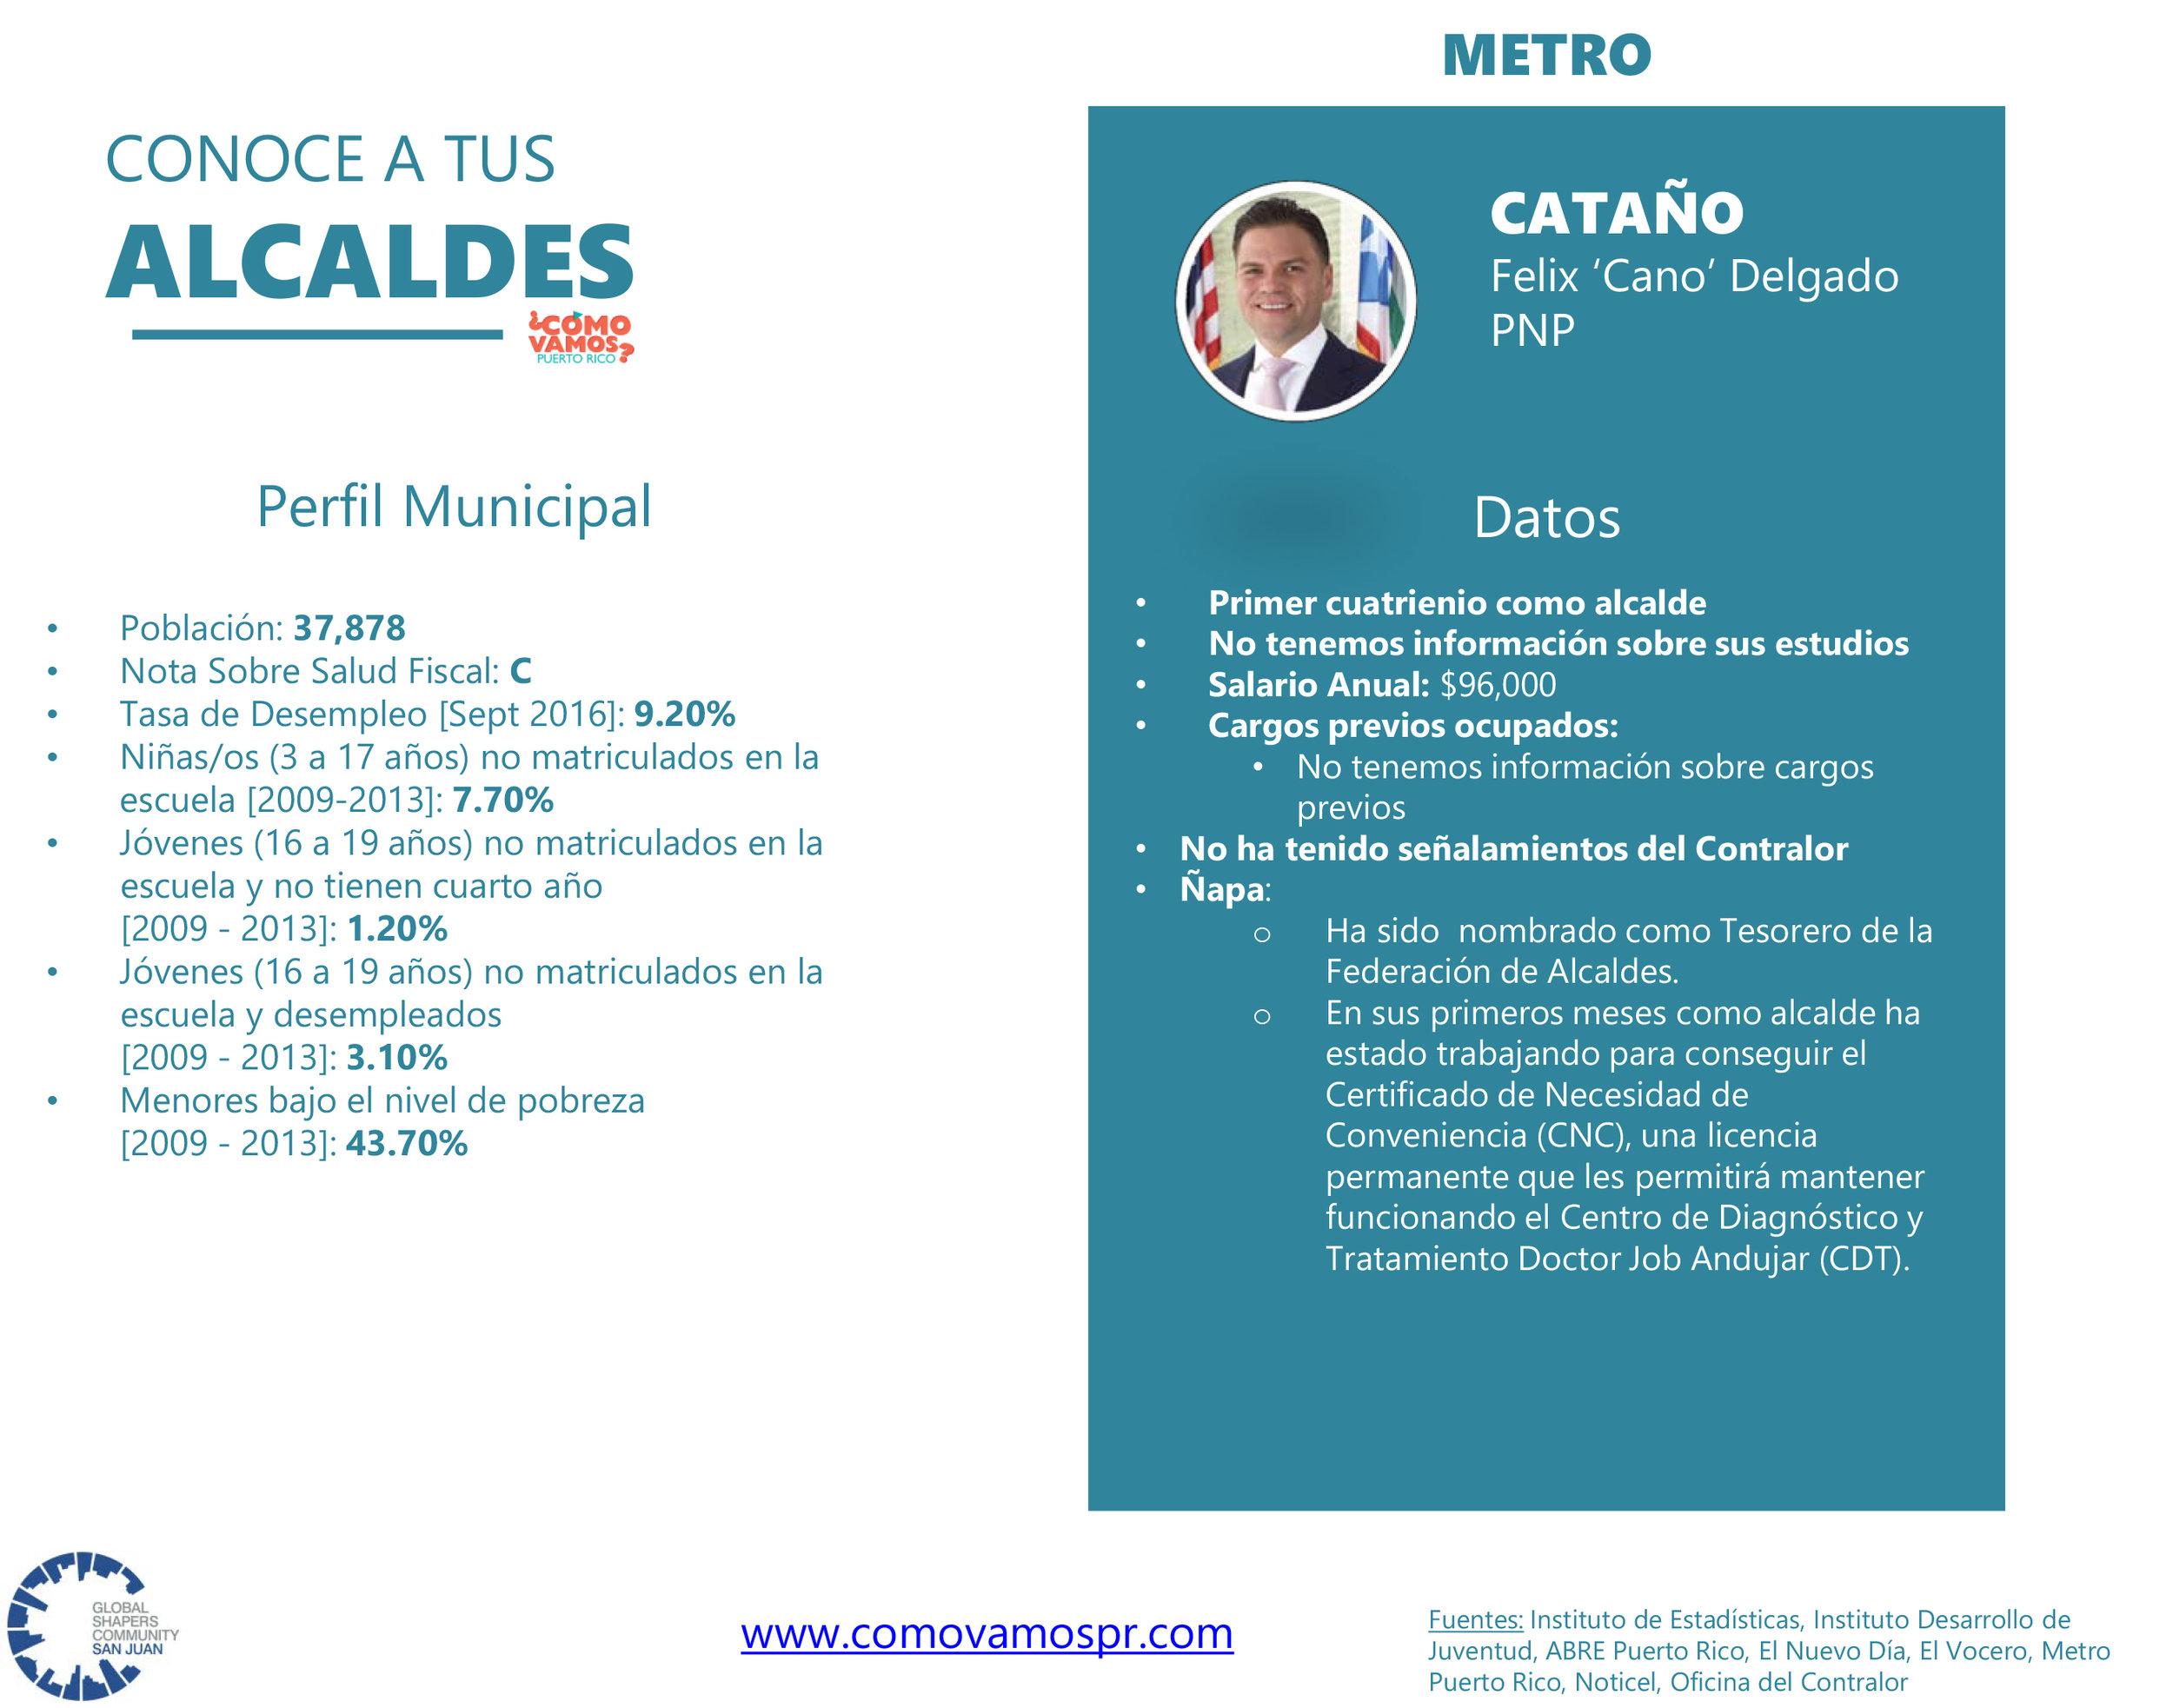 Alcaldes_Metro_Cataño.jpg